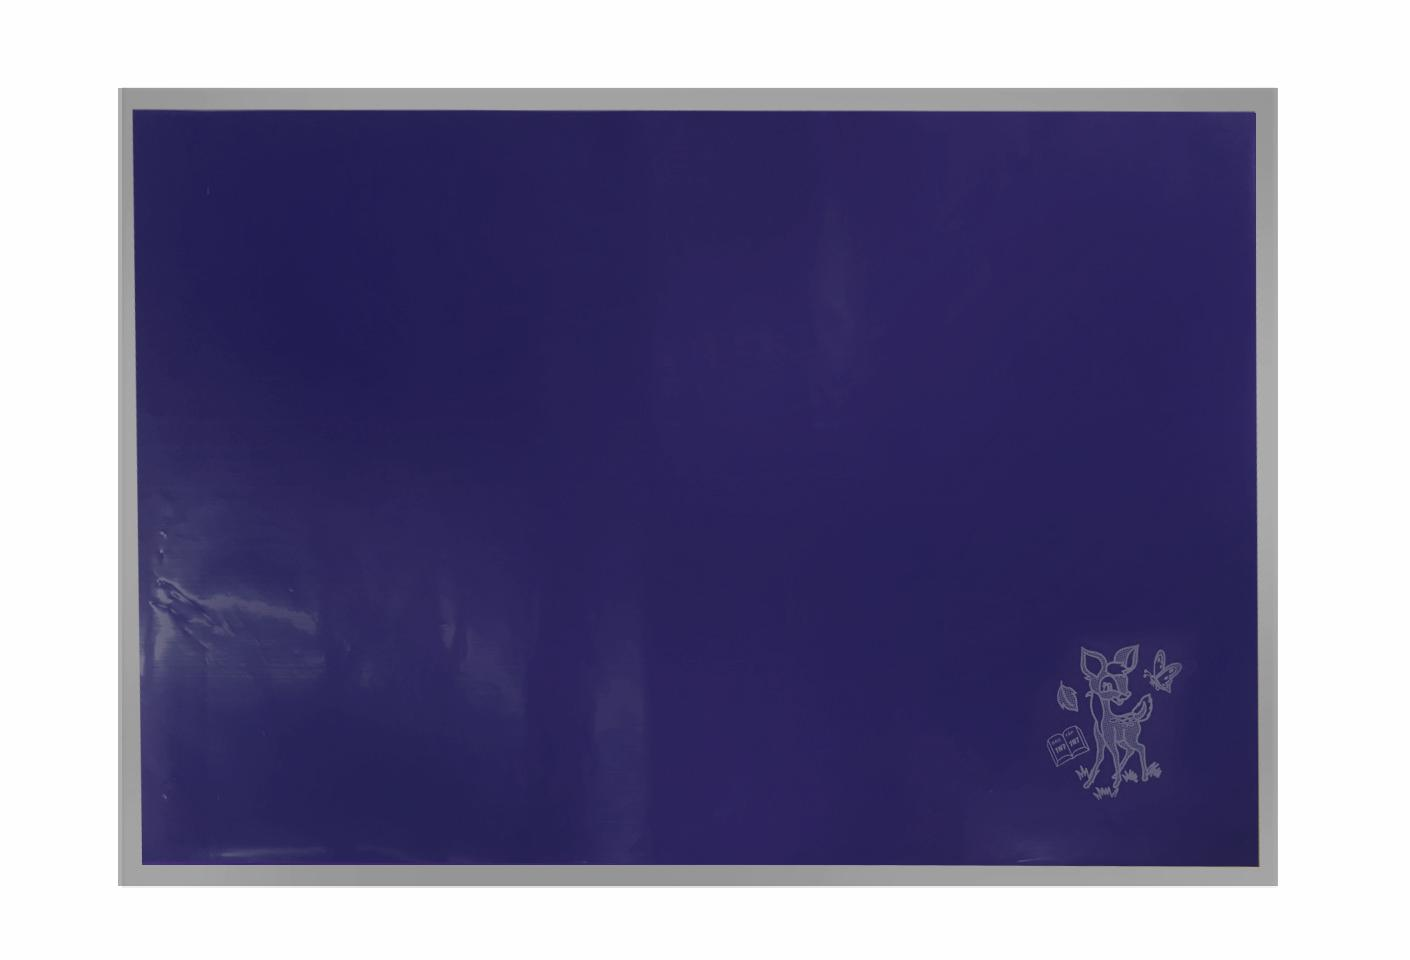 Mua Bao tập + Giấy màu Biển TN (25 tờ/xấp)